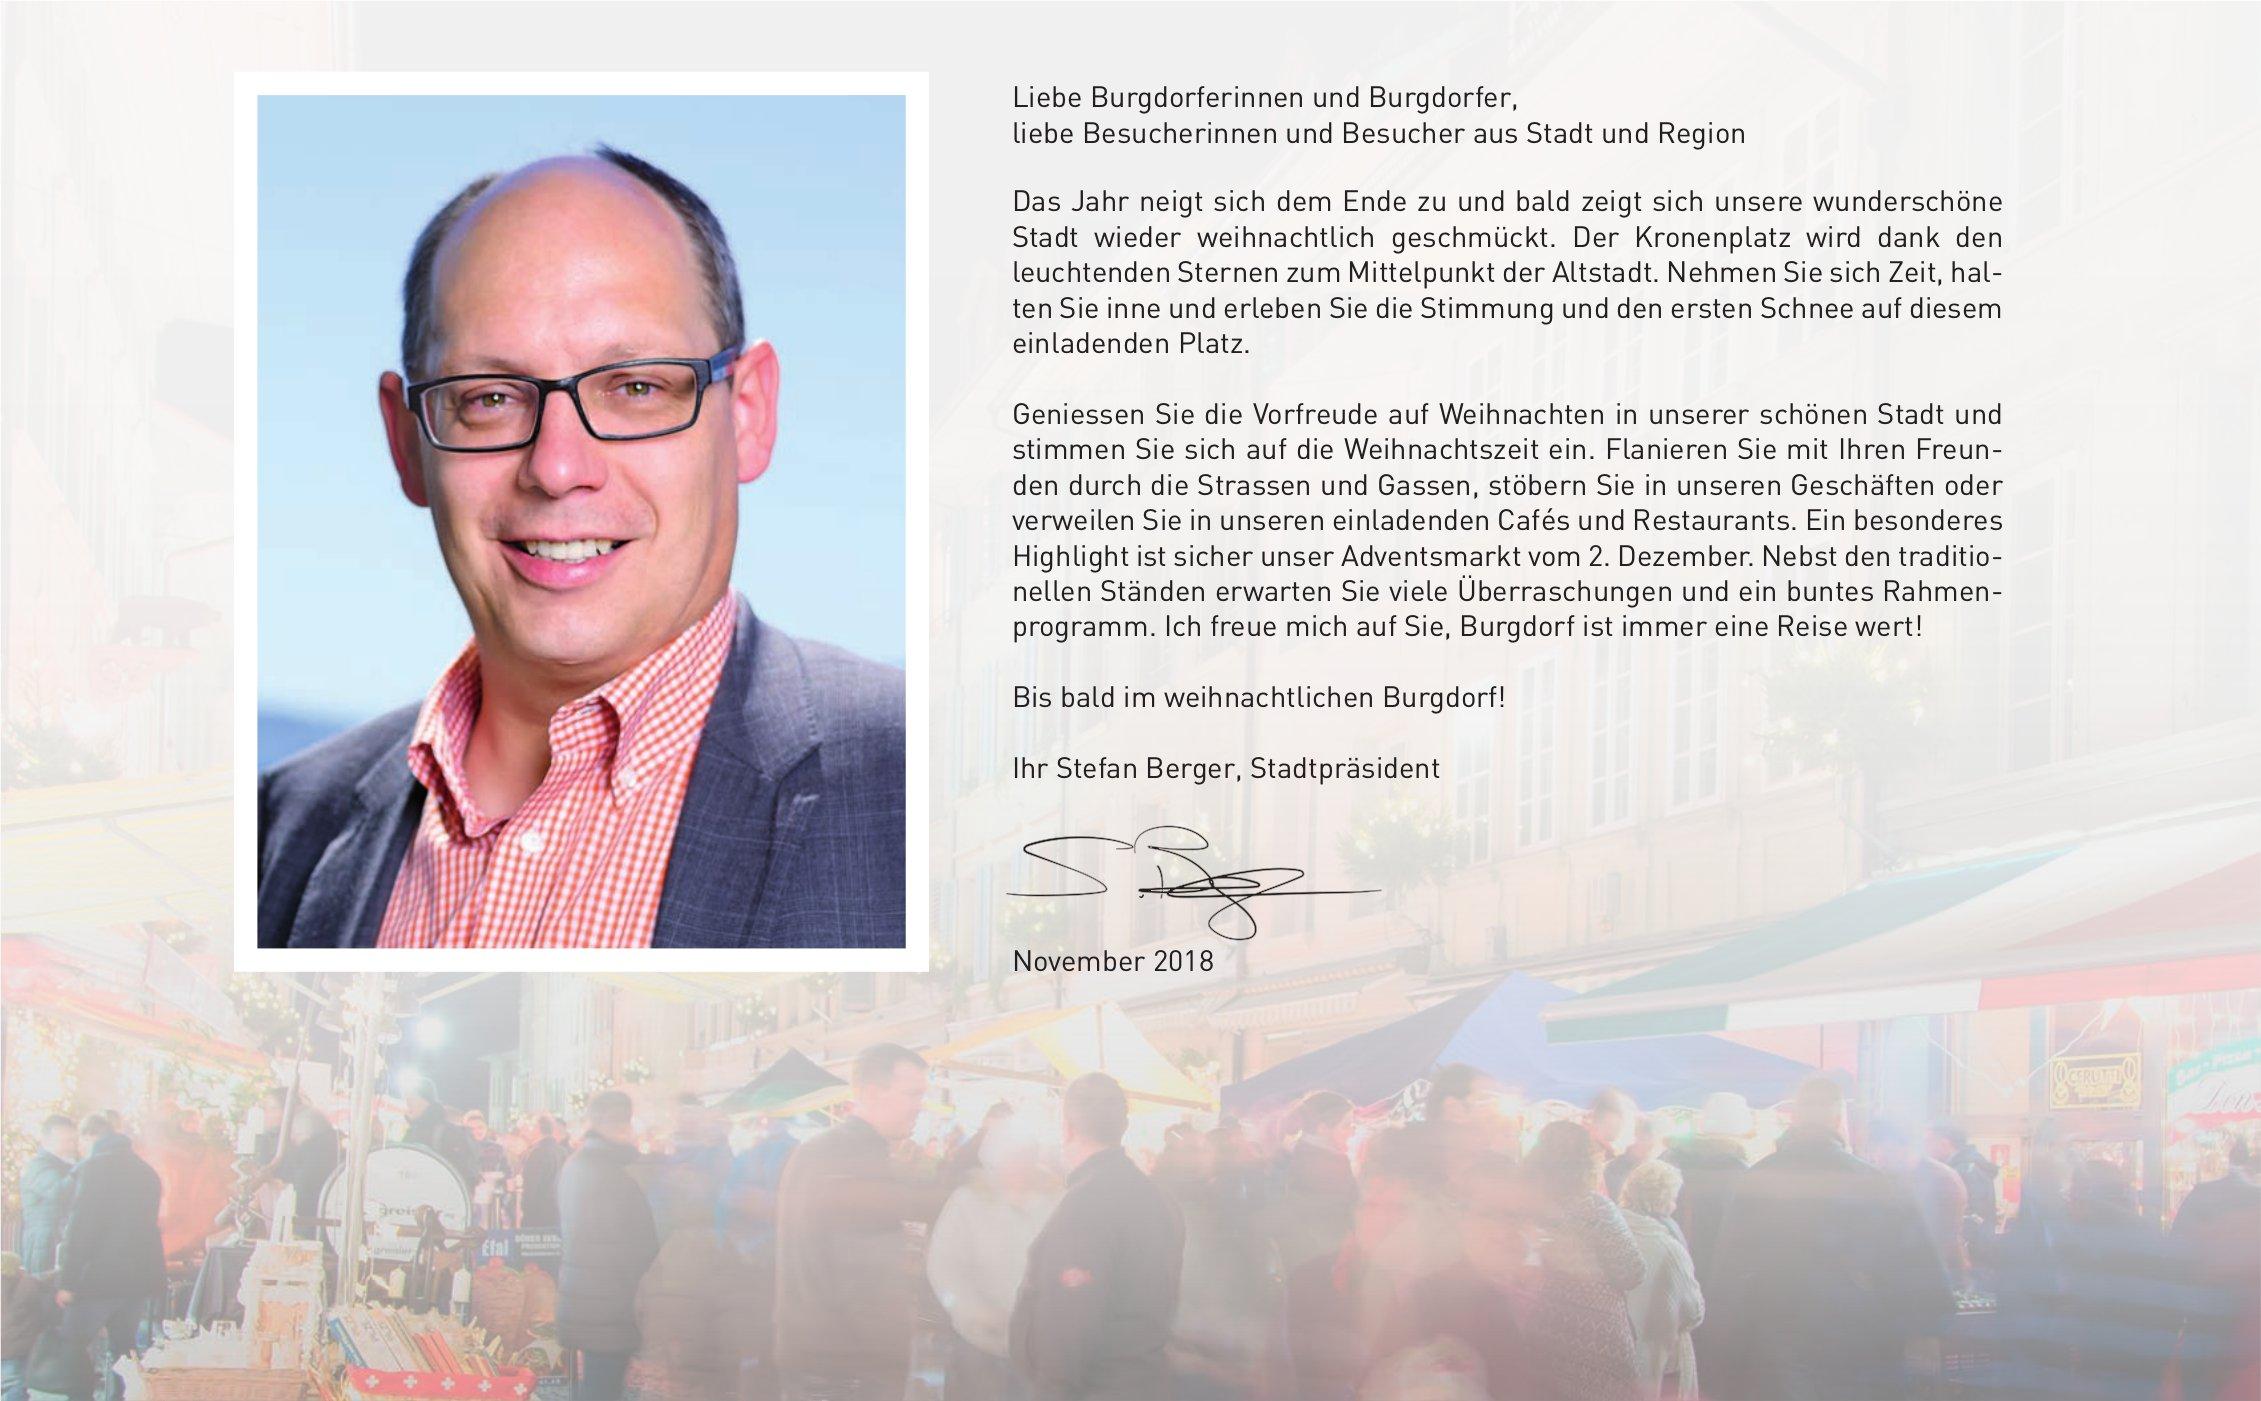 Liebe Burgdorferinnen und Burgdorfer - Ihr Stefan Berger, Stadtpräsident